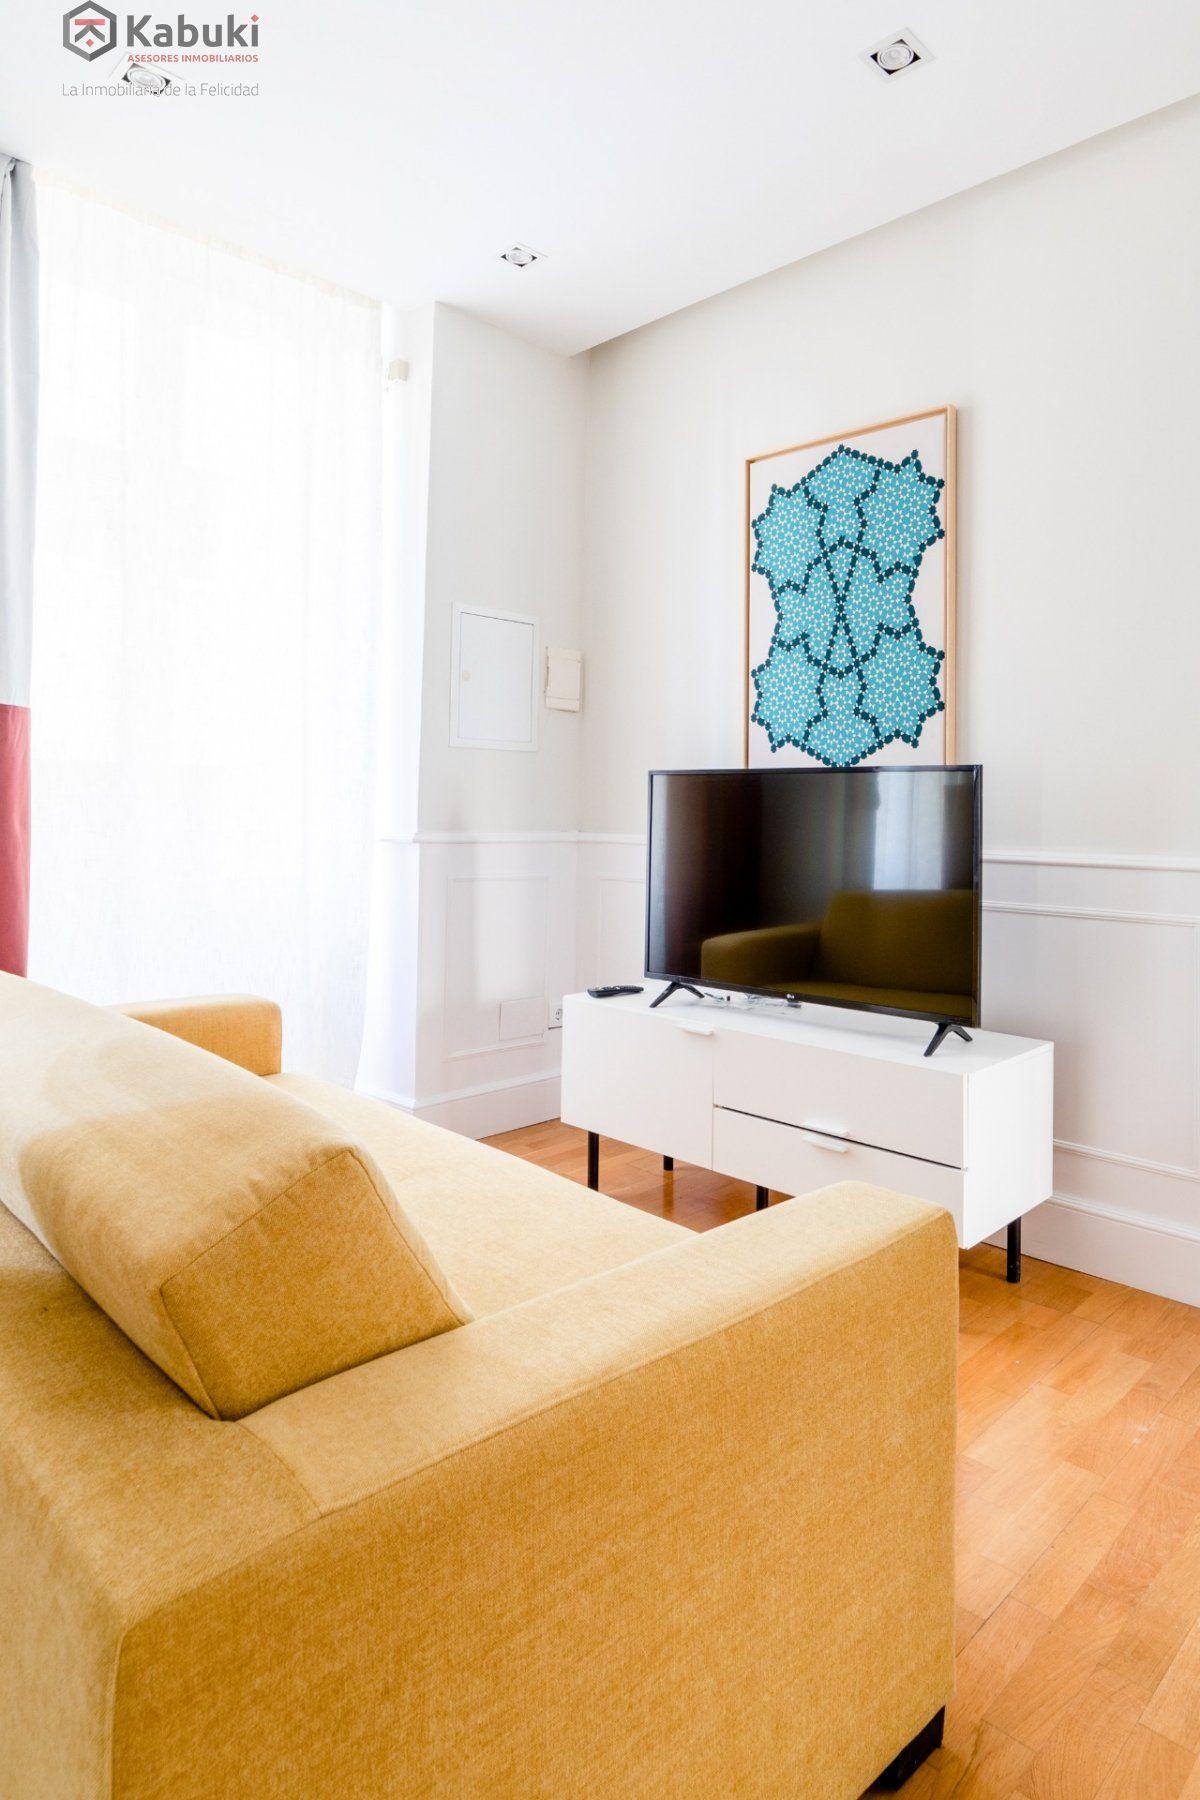 Se alquila curso 2020/2021 amplio y moderno apartamento, 6 dormitorios, 165 m, plenagran v - imagenInmueble11